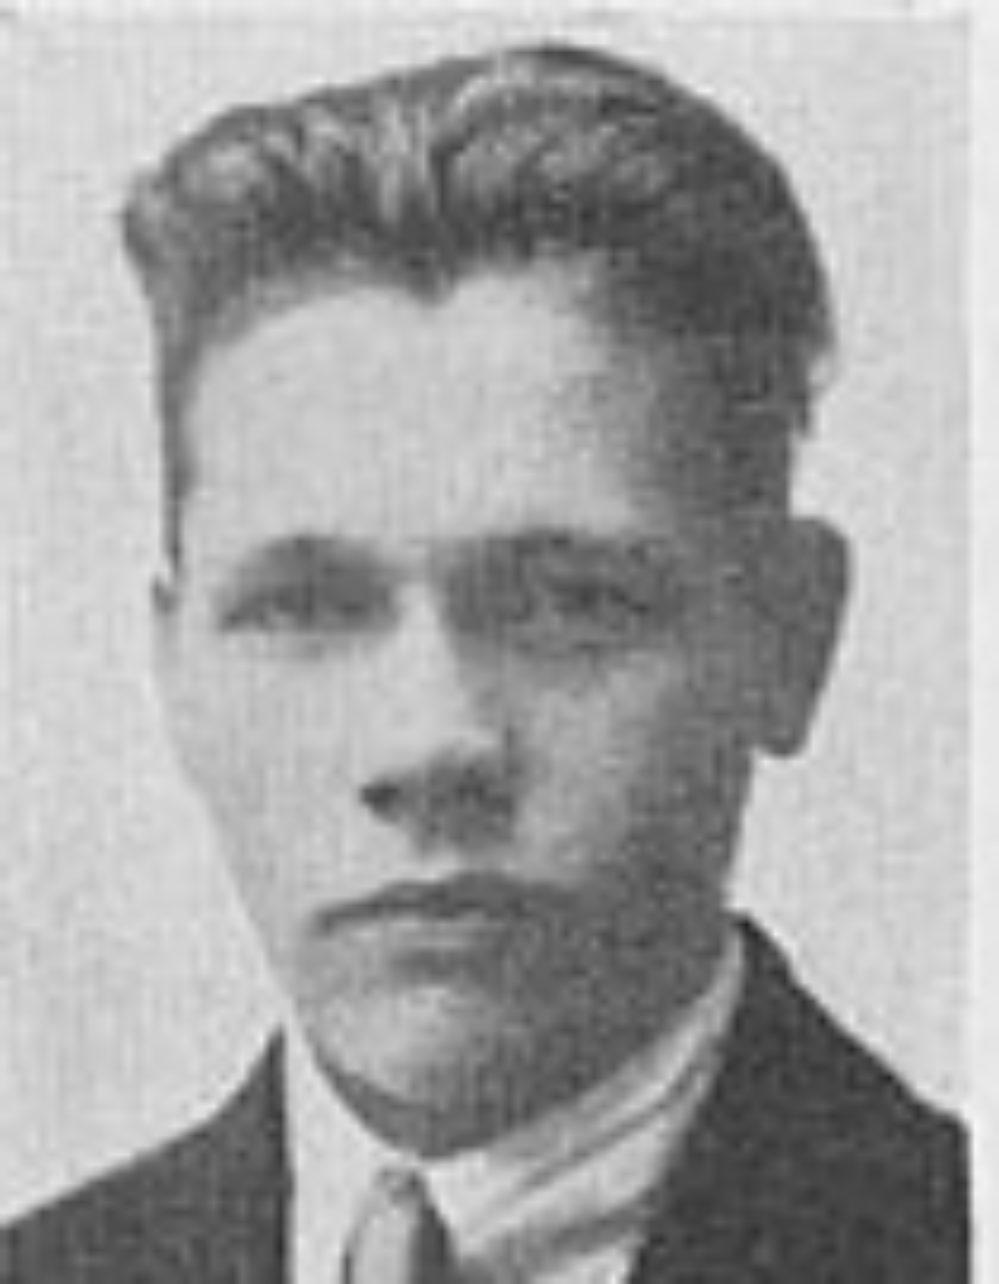 Andreas Kravlen